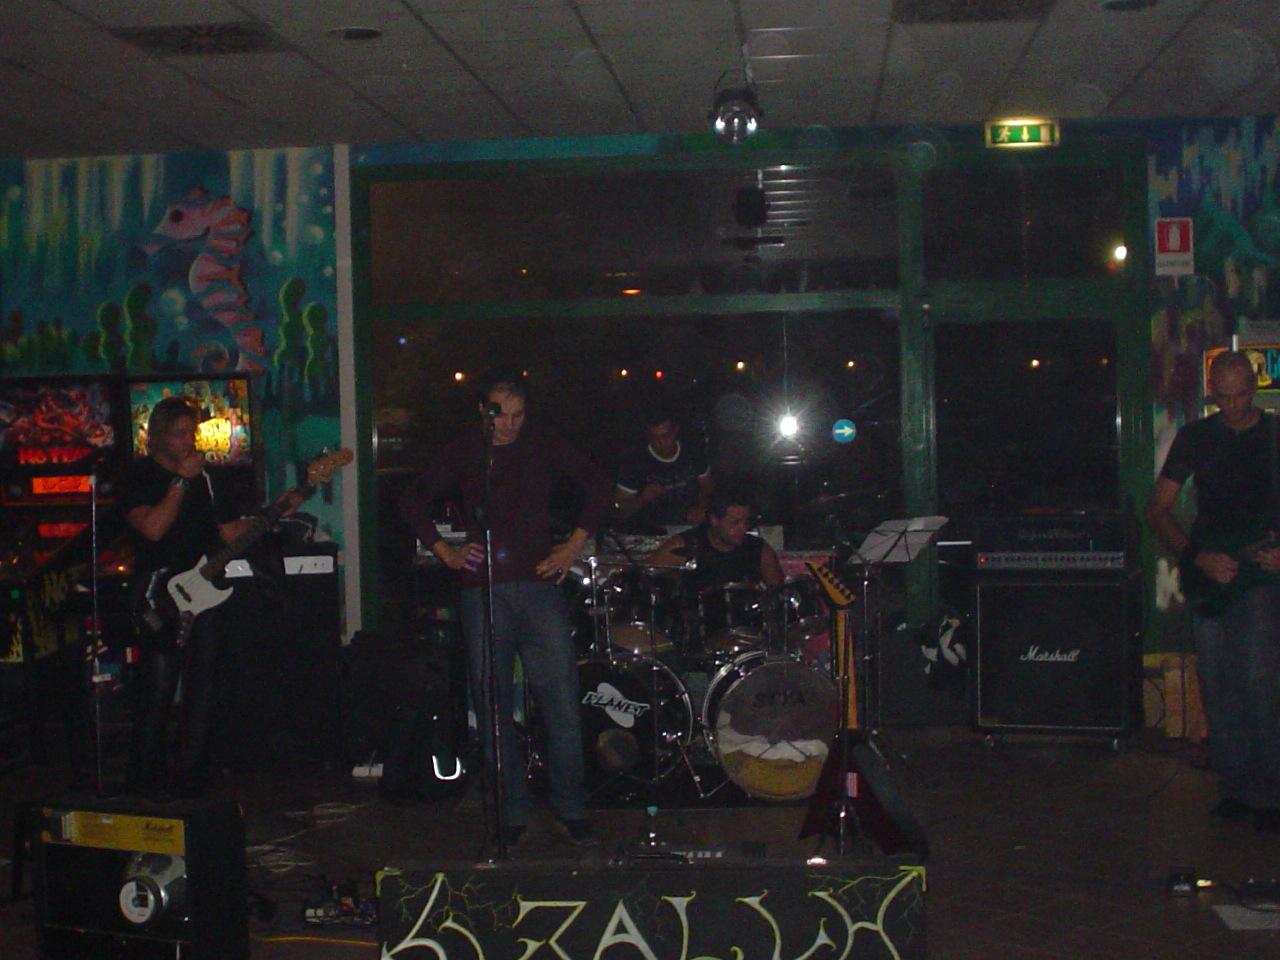 Live@Atlantide, Marche, Italy - 22.10.2004